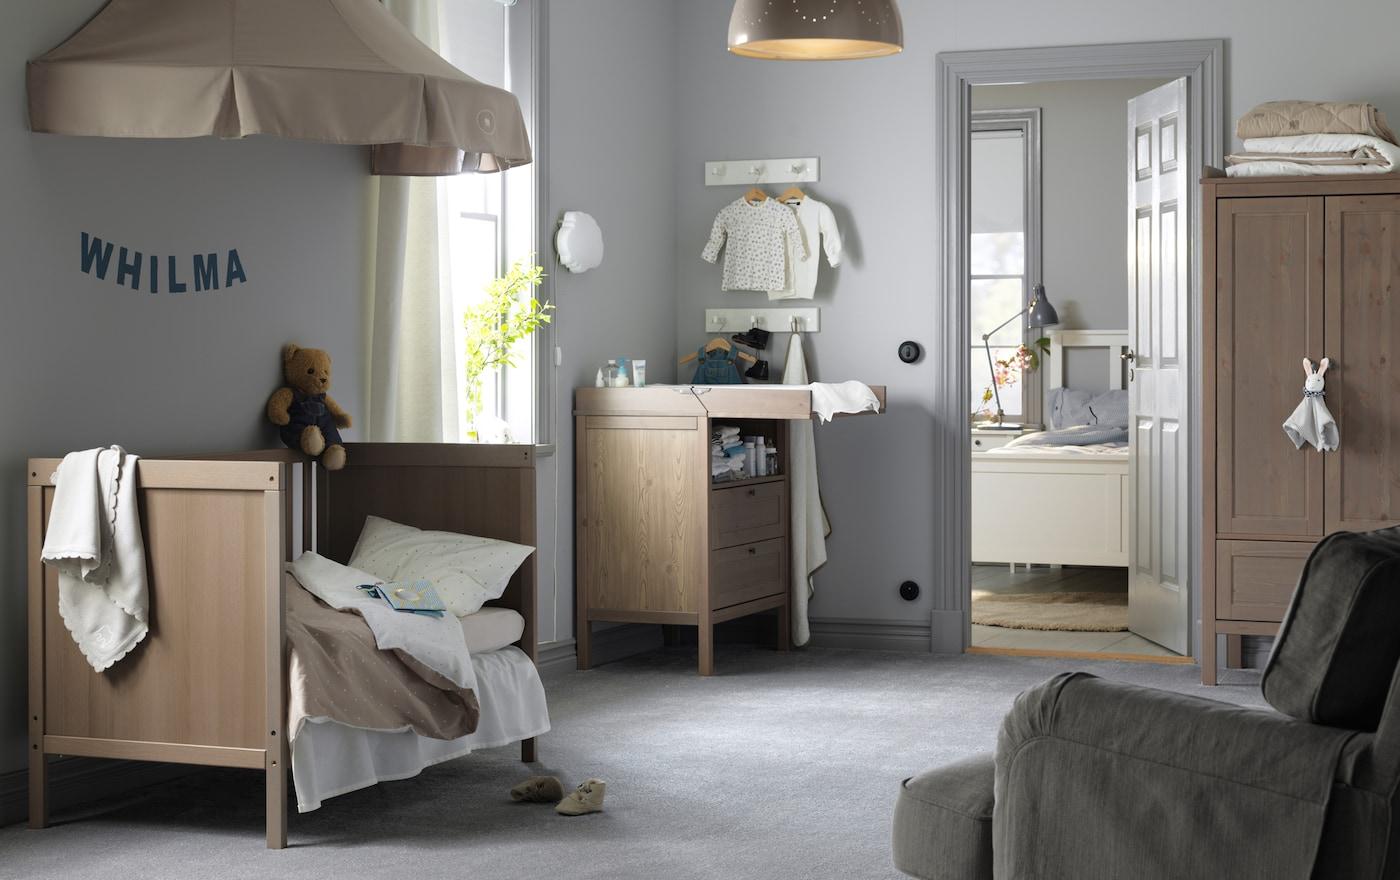 Chambre d'enfant avec lit bébé gris-brun transformé en lit pour enfant et ciel de lit beige. Dans le fond une table à langer et une armoire gris-brun.